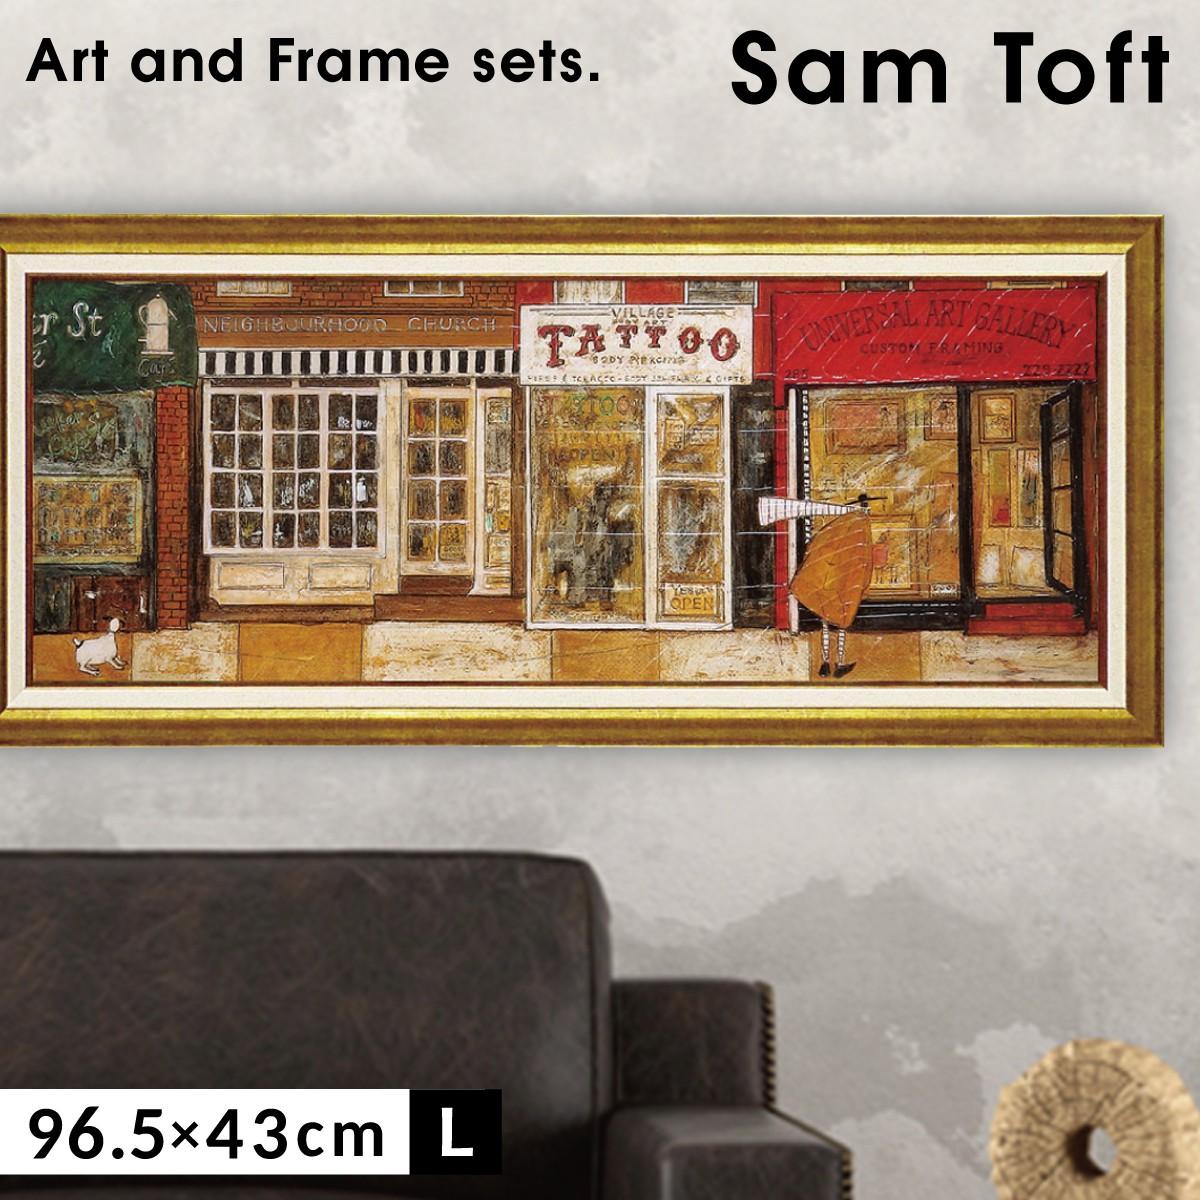 送料無料(北海道・沖縄・離島除く) 絵画 壁掛け アート アートパネル サムトフト あなたの住む街角で ST-15014